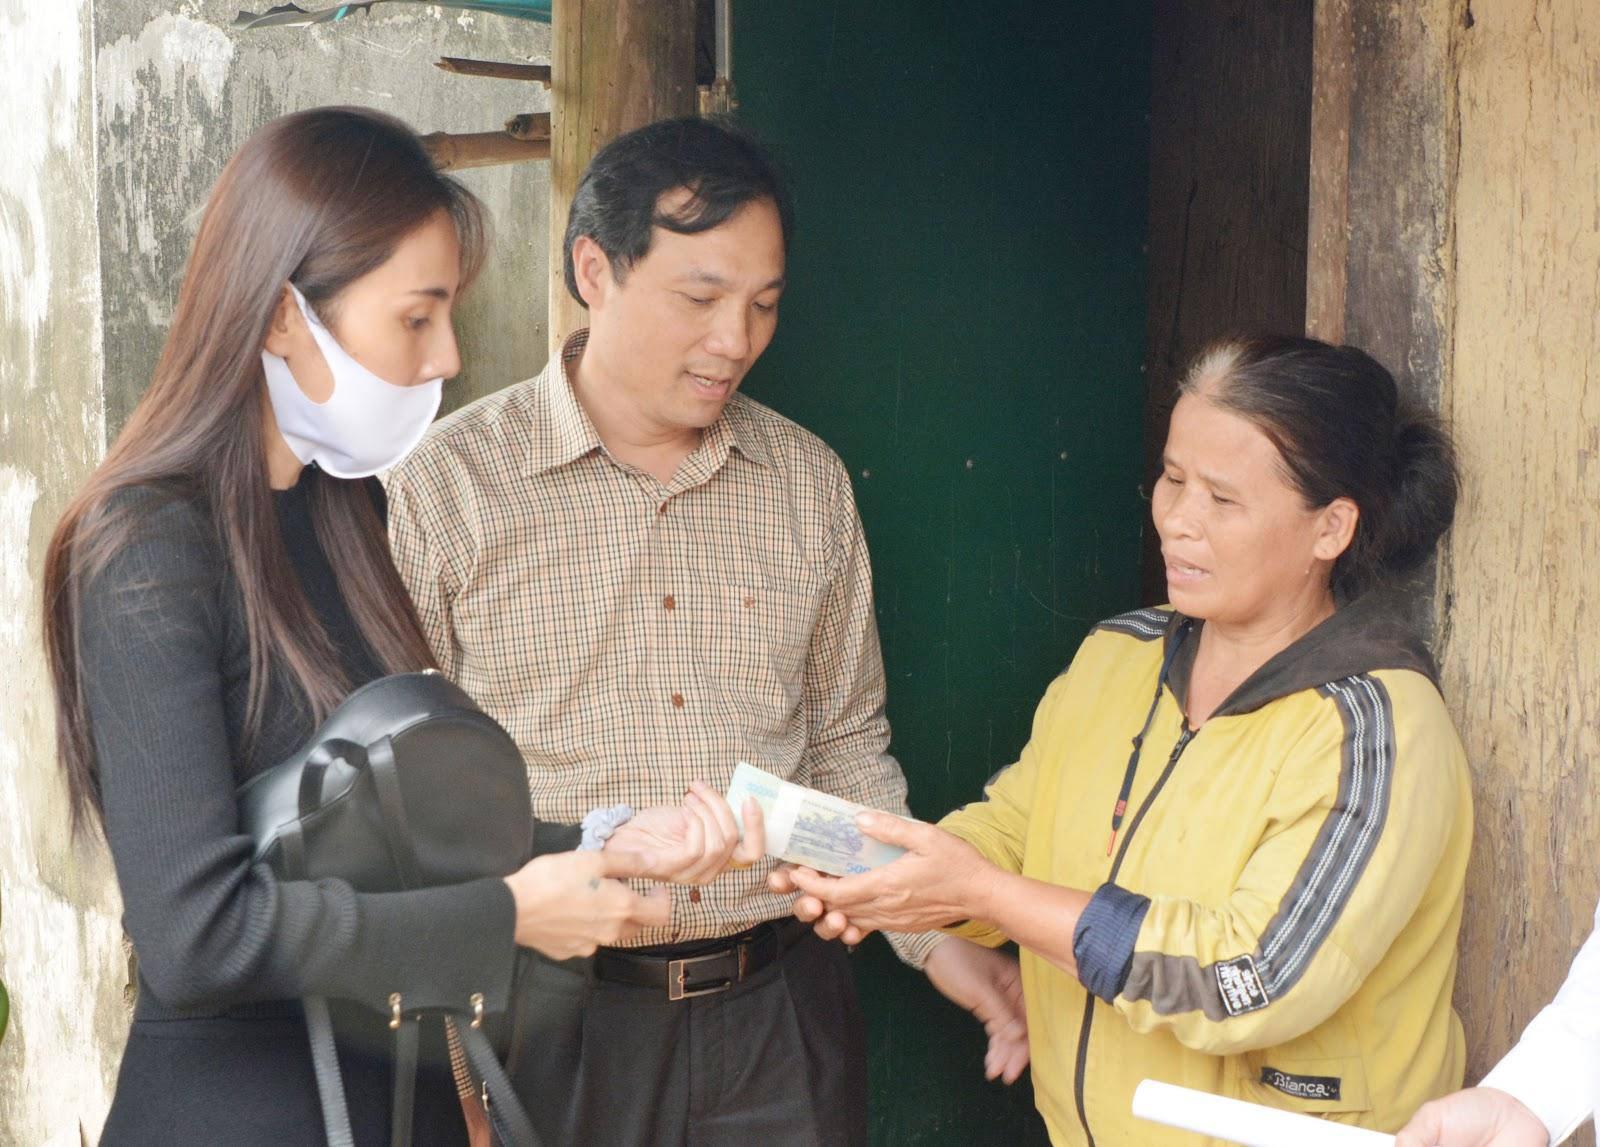 HOT: Cán bộ thôn lên tiếng chuyện thu lại tiền Thủy Tiên ủng hộ người dân, dân mạng bất bình - Hình 10